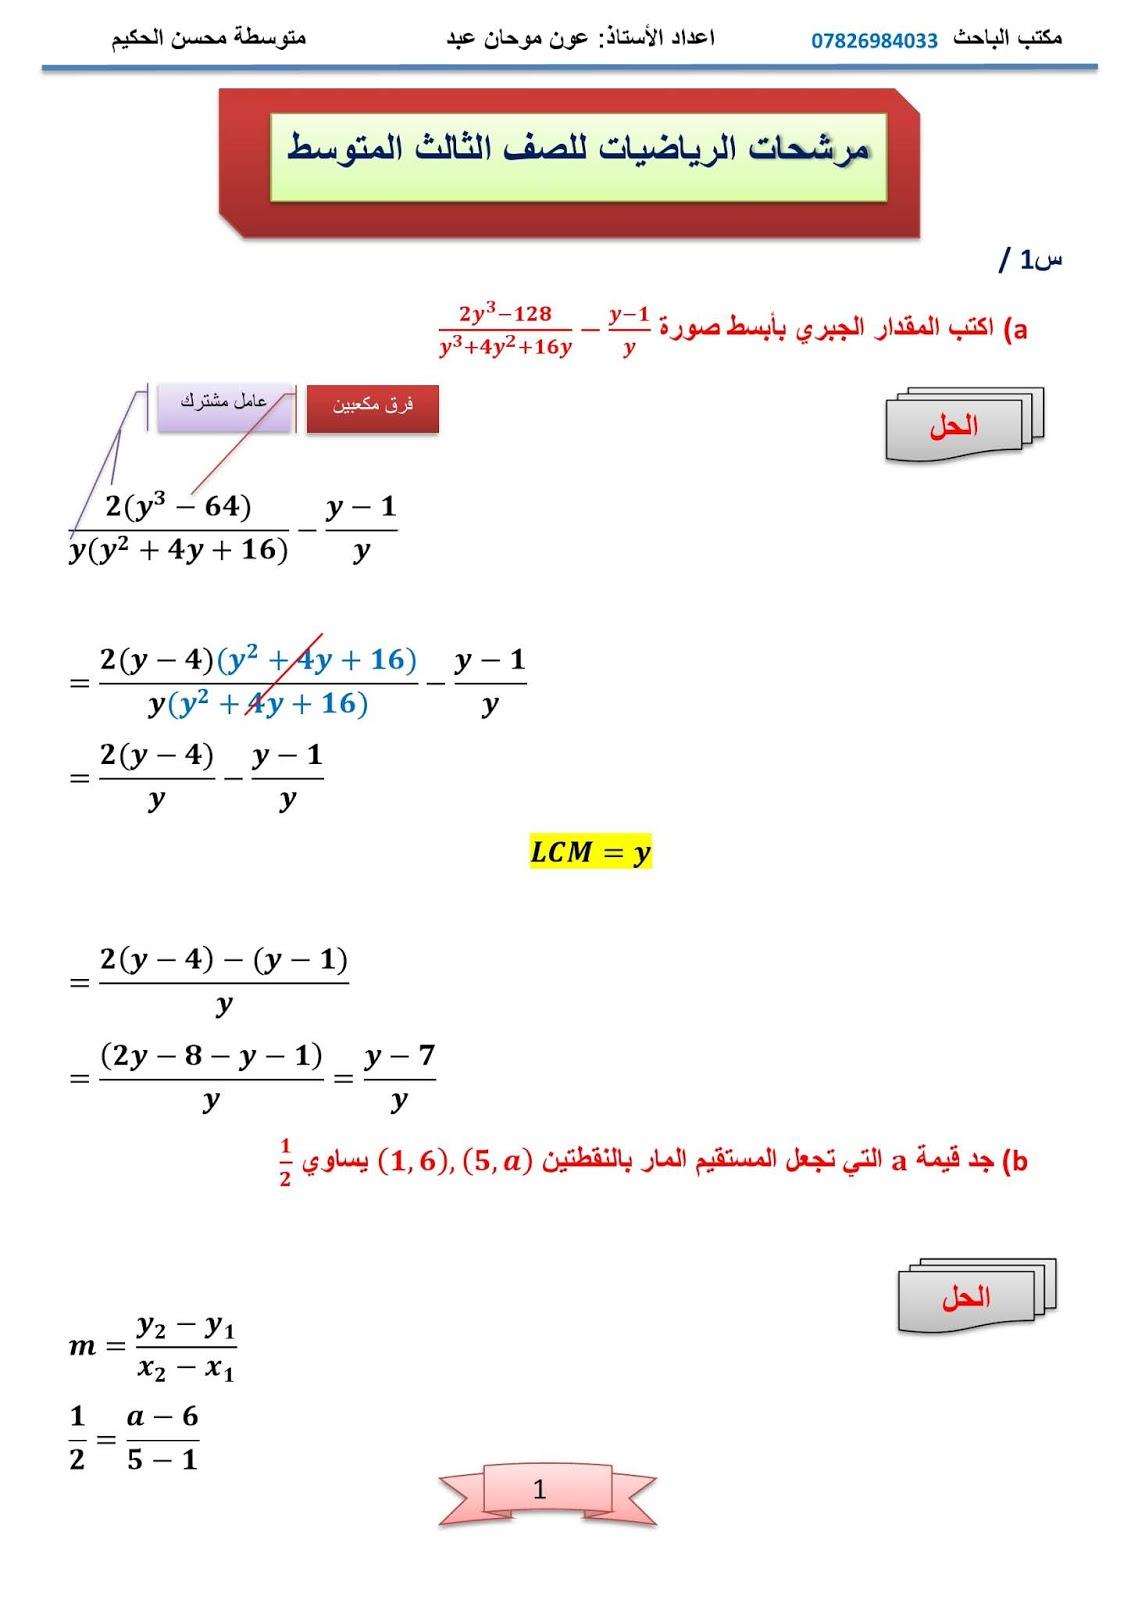 تحميل كتاب ماغي فرح 2020 pdf